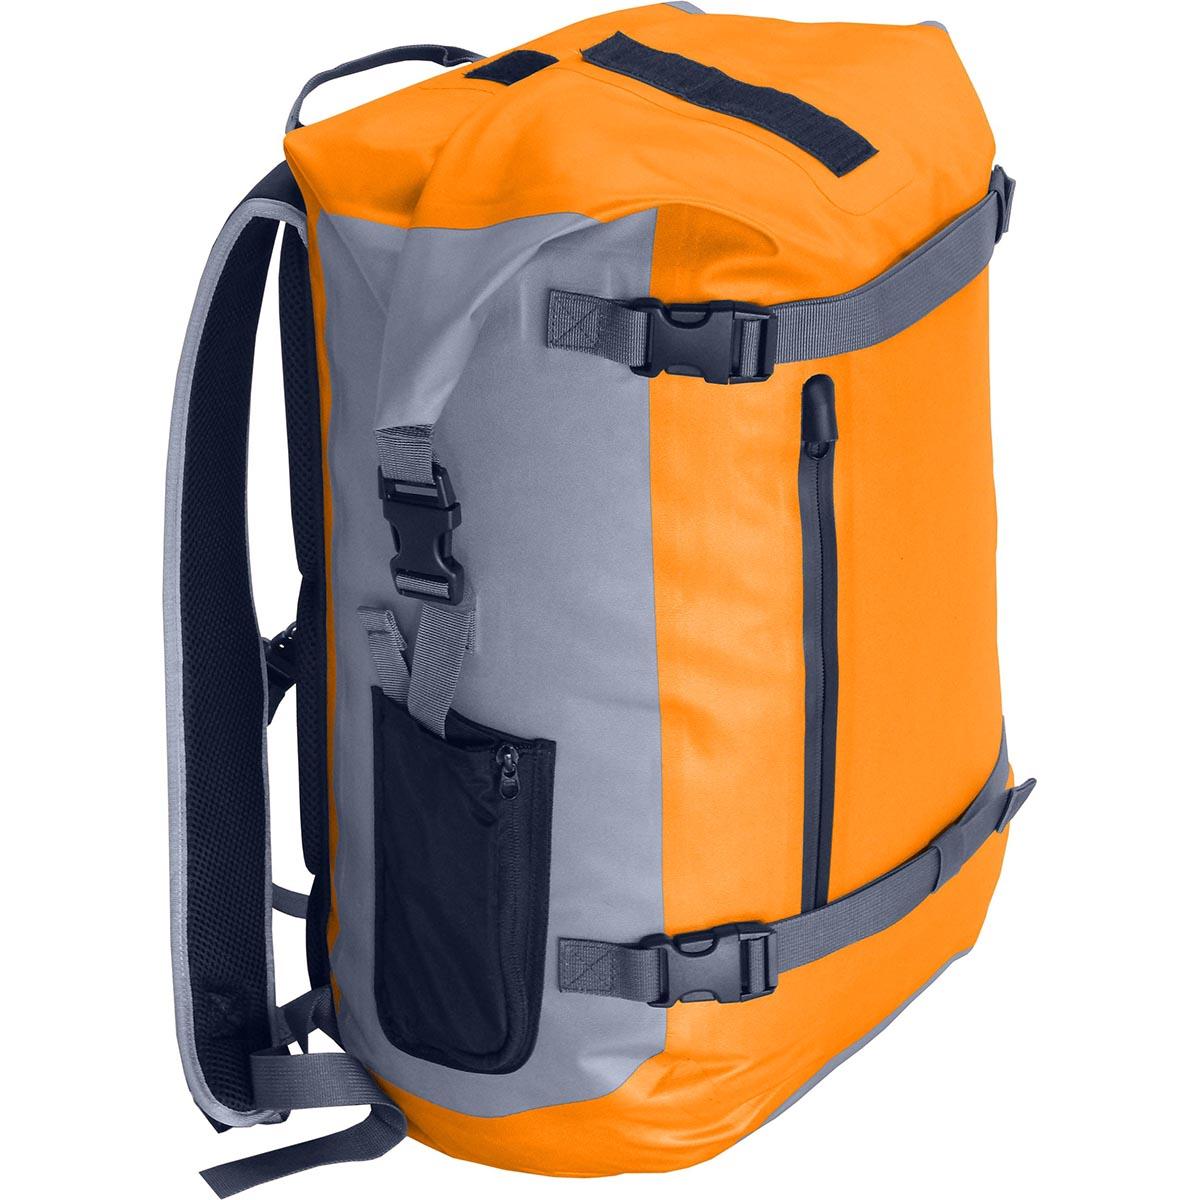 Герморюкзак NOVA TOUR Геккон 40, цвет: серый, оранжевый, 40 л67742Полностью герметичный рюкзак объемом 40 литров, с фронтальными стяжками, влагозащищенным фронтальным карманом и небольшими боковыми карманами. 100% защита от воды; Ткань 300D Polyester TPU. Грудная стяжка. Влагозащитная молния.Вес: (кг) 0,97.Объем; (л) 40. Ширина спинки: 30 см.Высота спинки: 48 см.Глубина по дну: 24 см. Максимальная высота: 56 см.